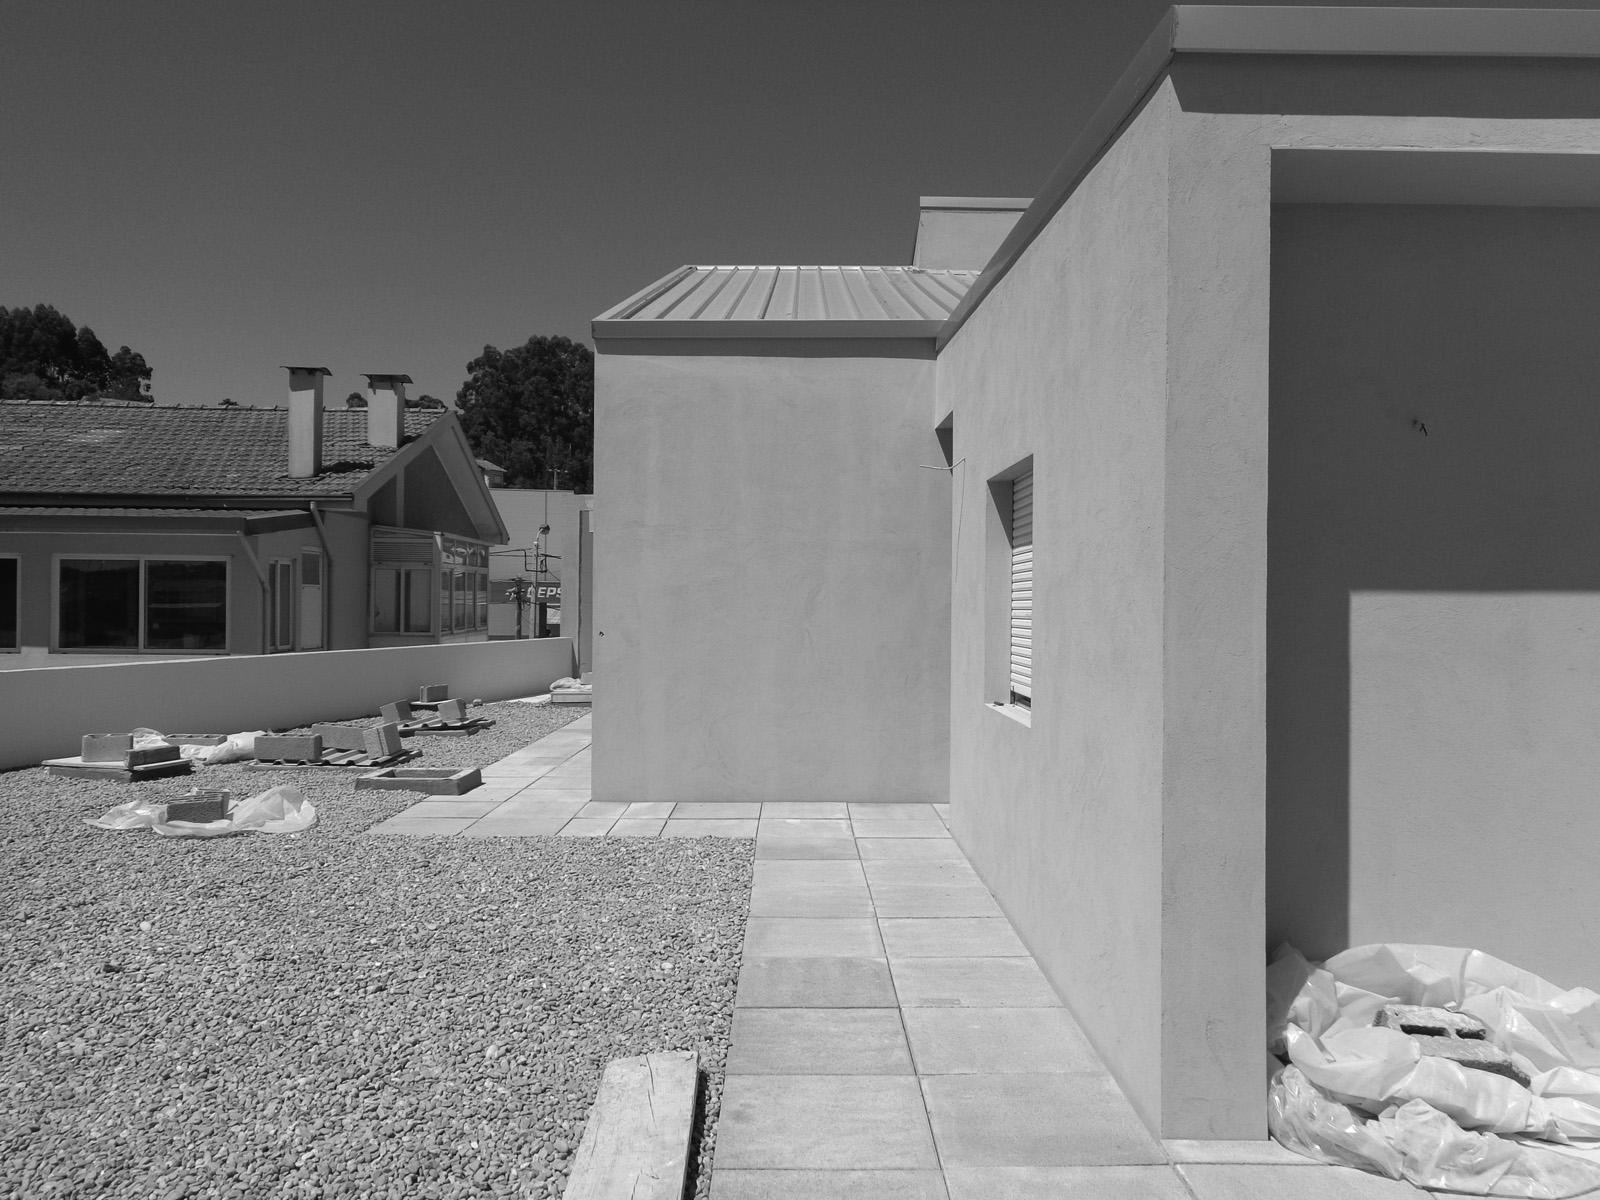 Antero - Construção - Stand - Oficina - BMW - Yamaha - EVA evolutionary architecture - Arquitectos Porto (2).jpg